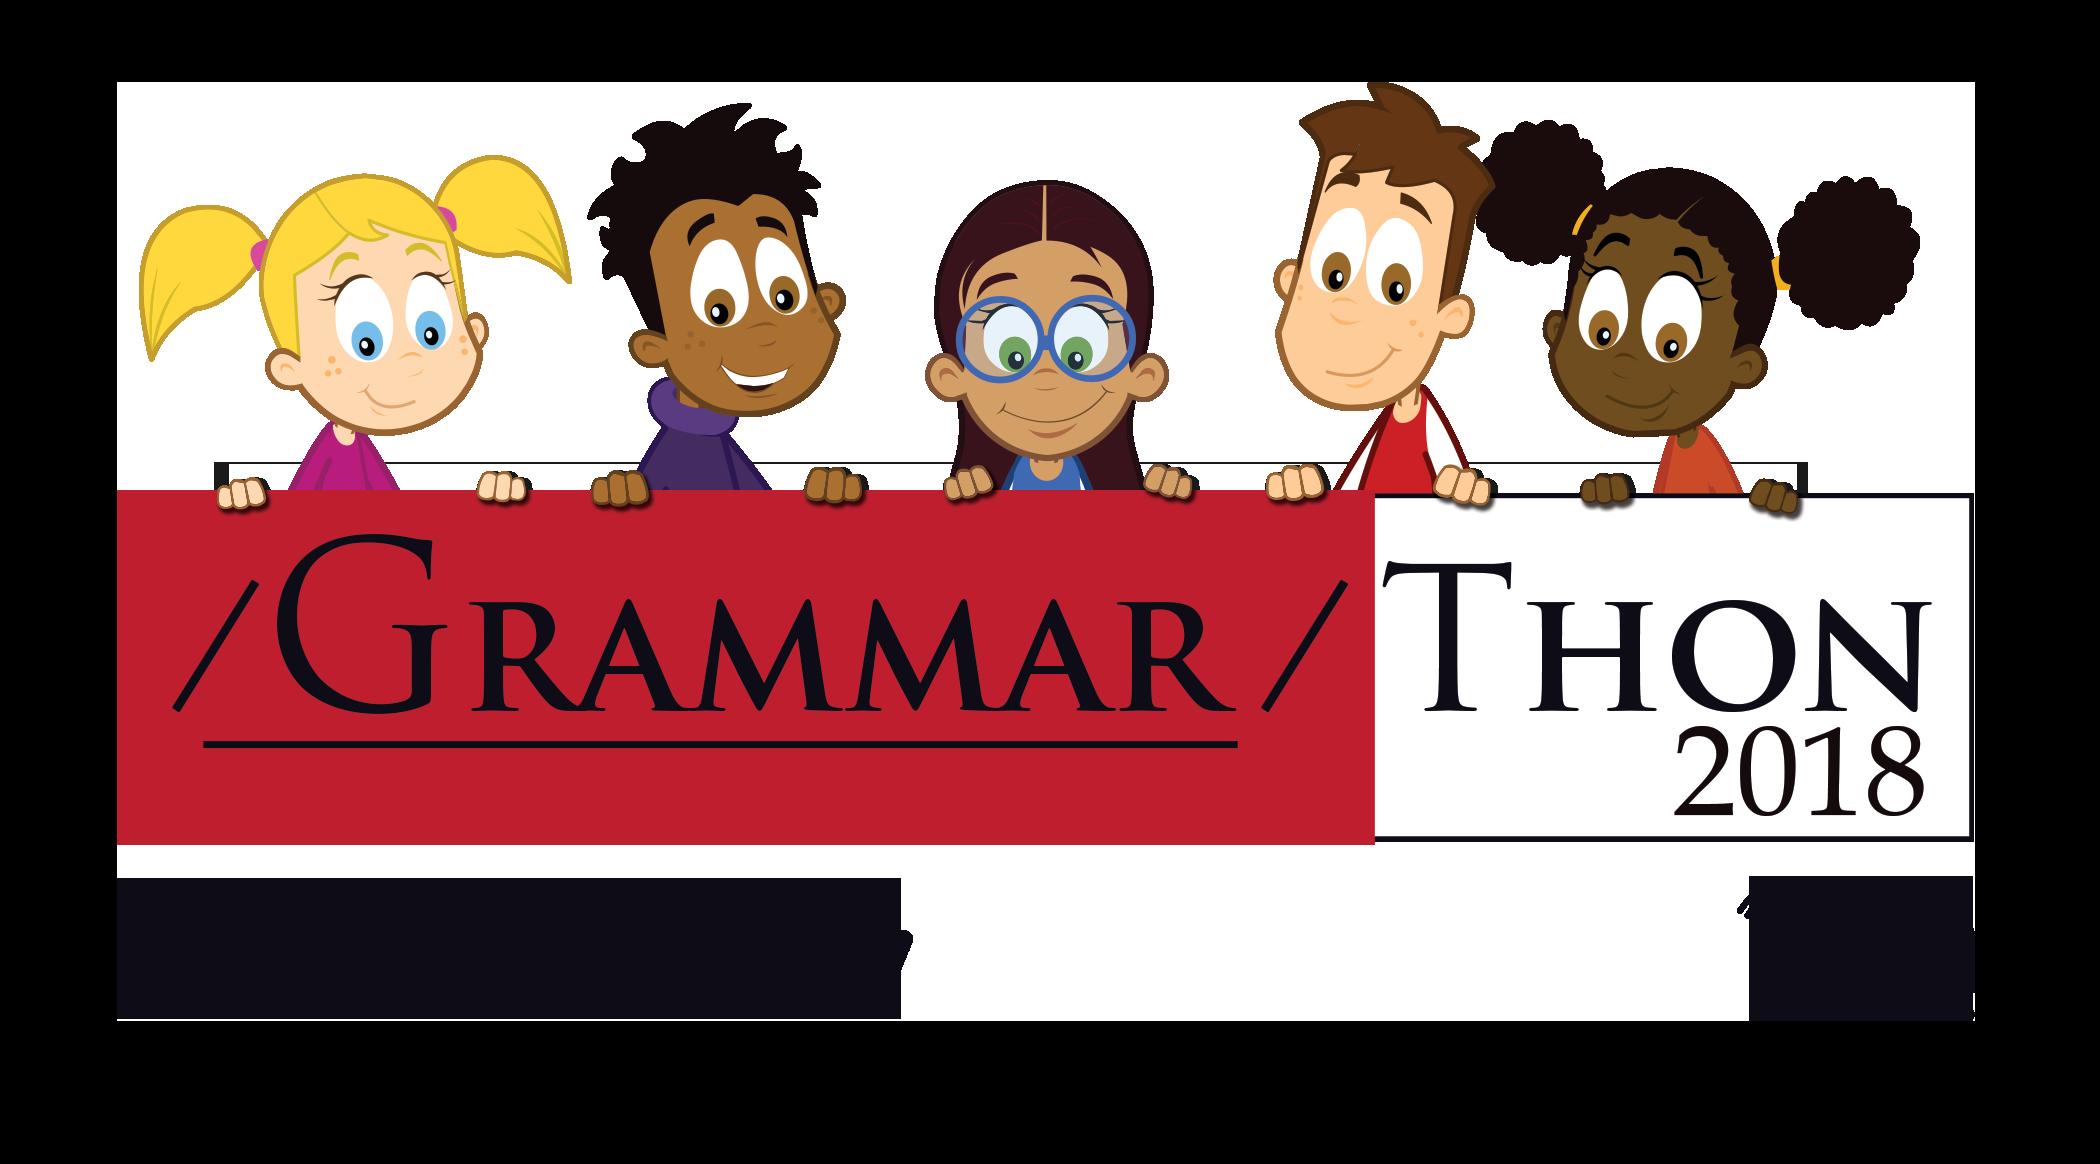 Proud clipart grade 12. Grammar thon ctnbq org